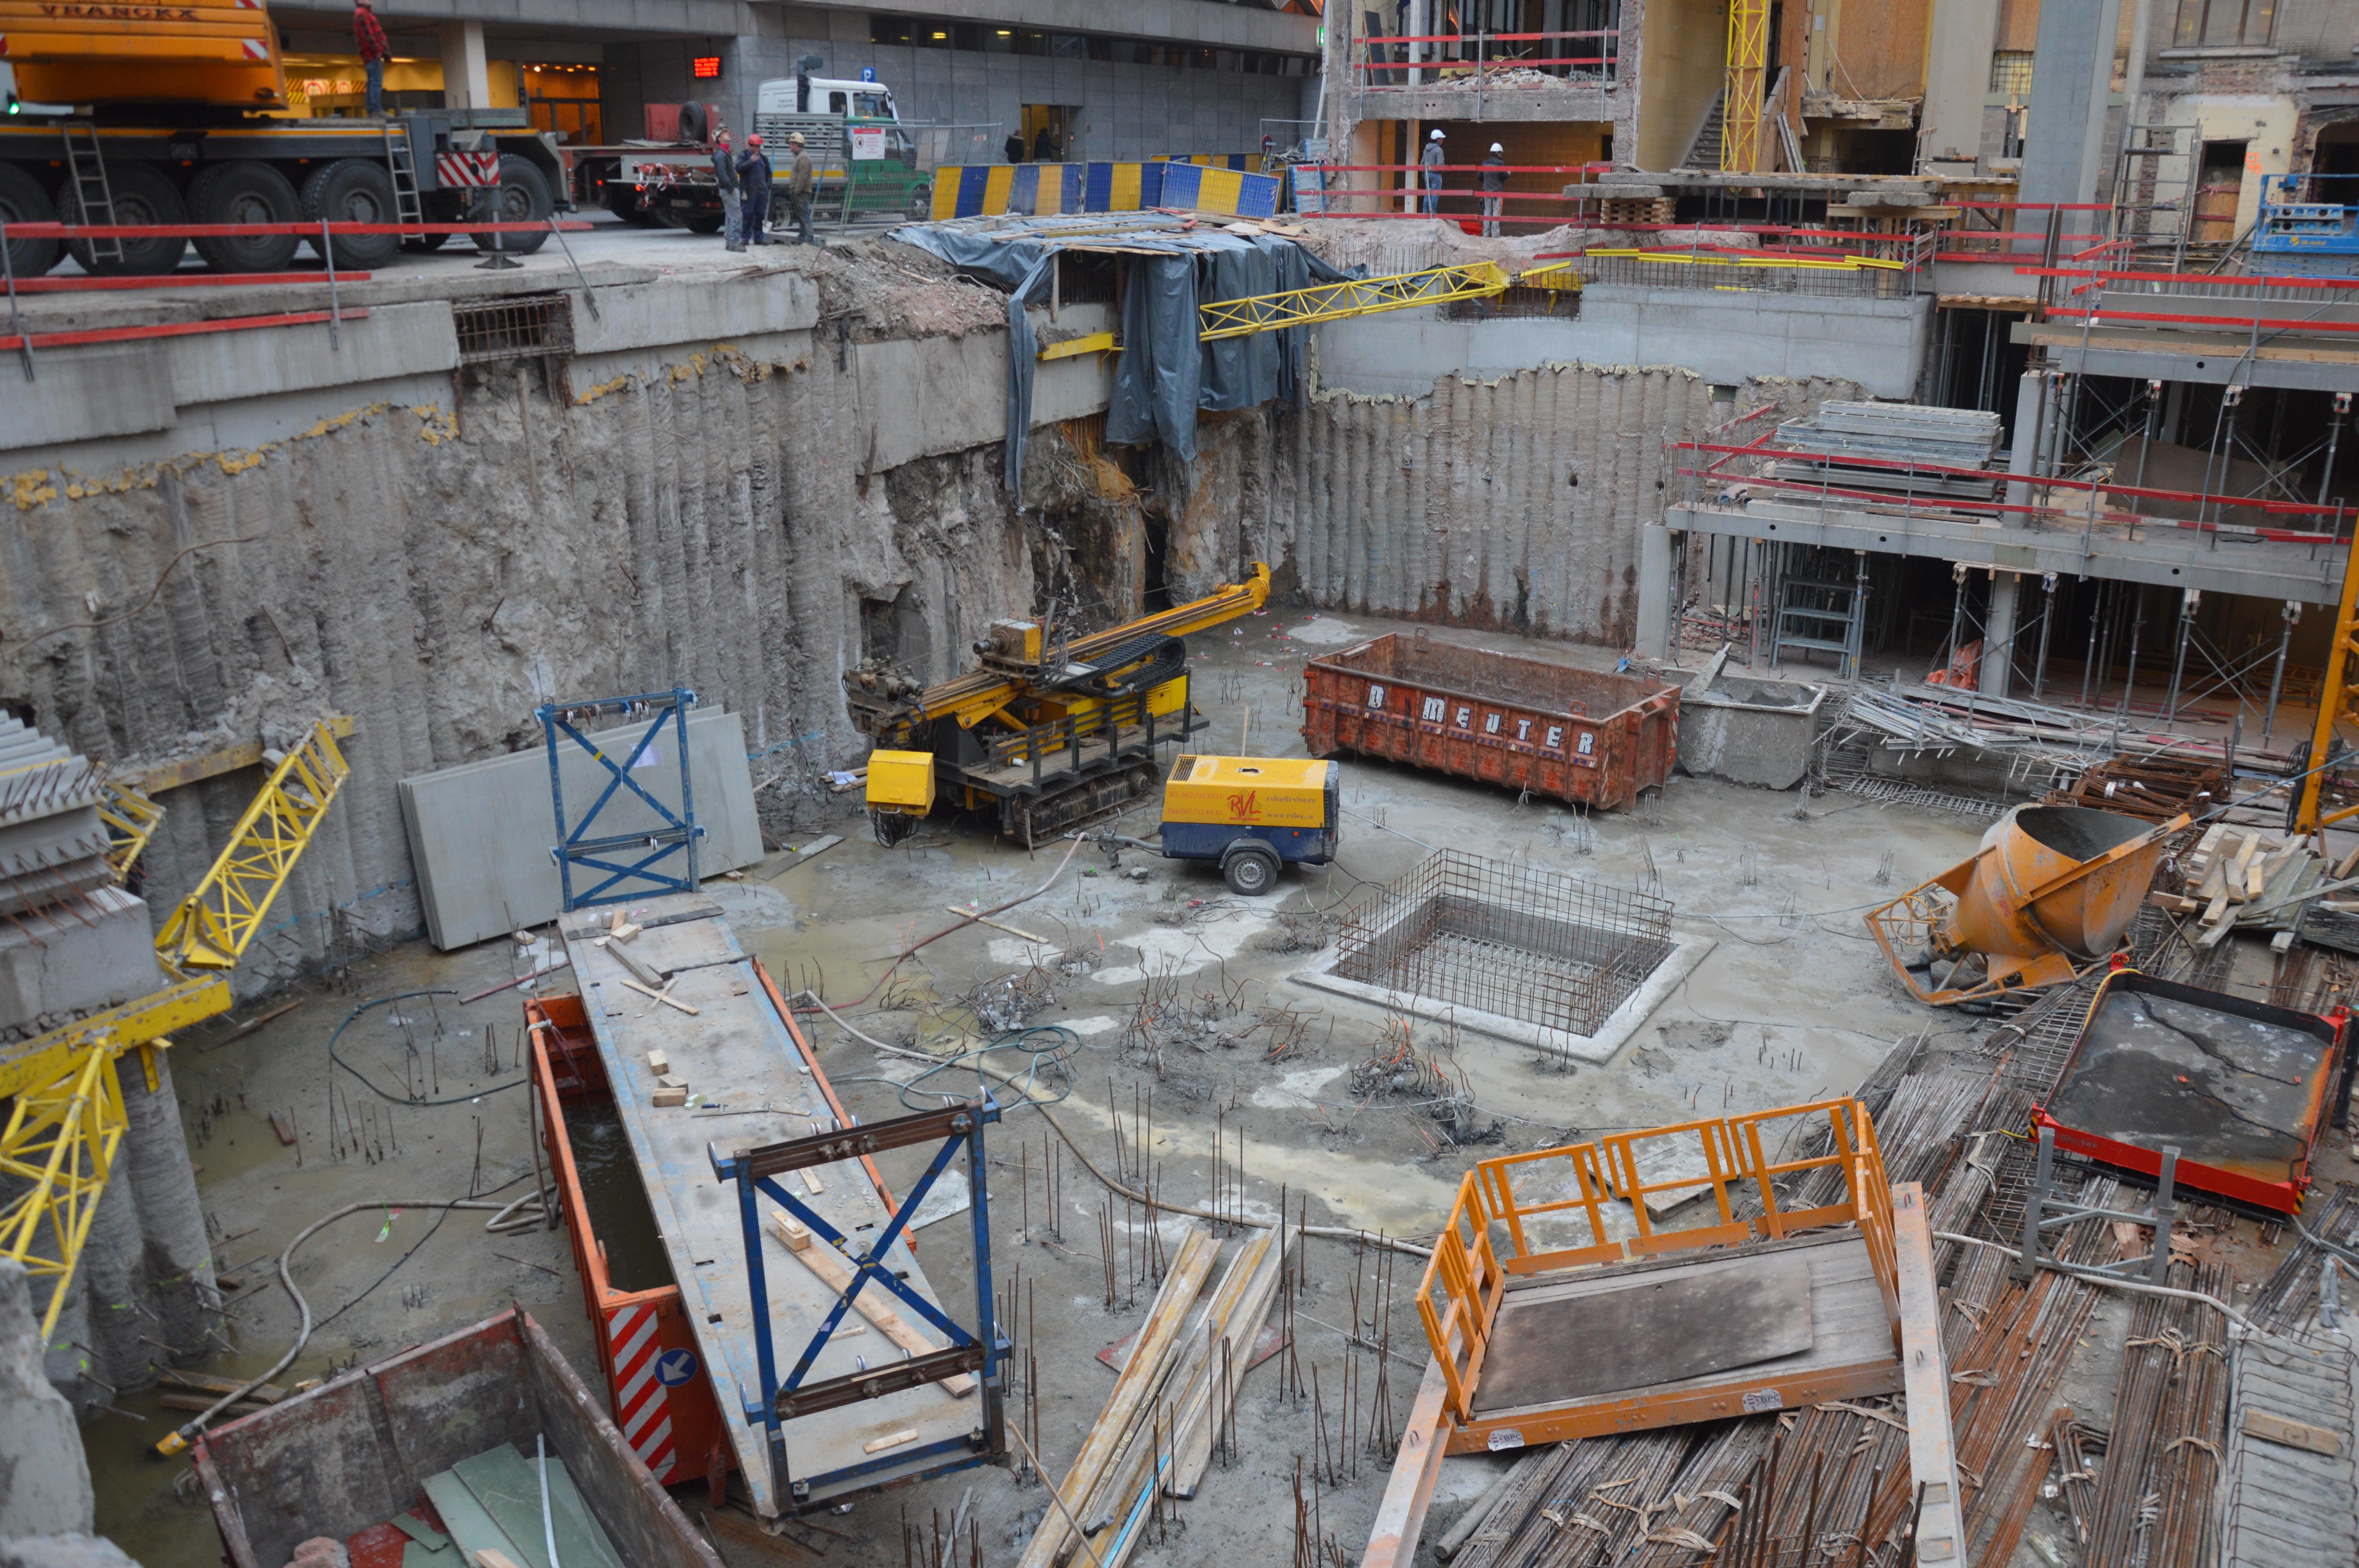 chantier-bruxelles-centre-forage-installation-pompe-puits-geothermie-eurodrill-liege-belgique-30